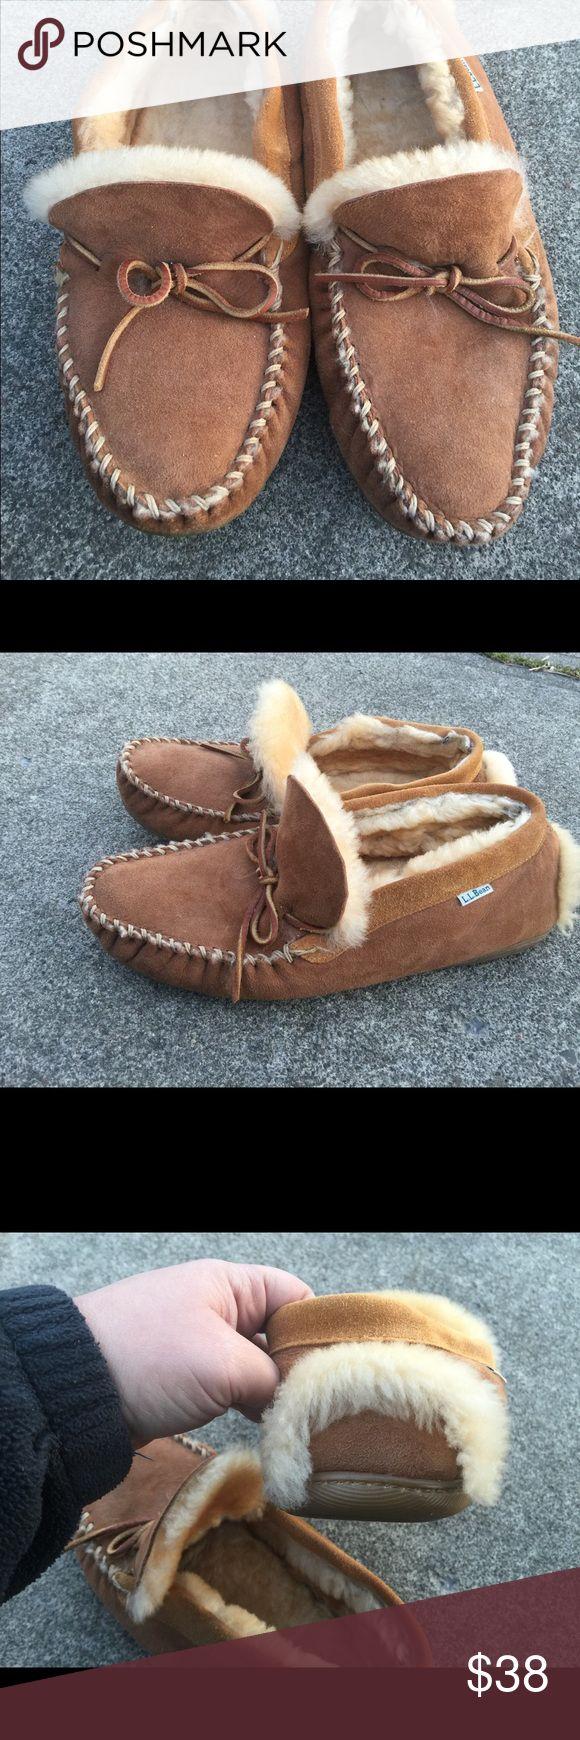 Men's L.L. Bean Tan Fur Lined Moc Slippers Size 13 Men's L.L. Bean Tan Fur Lined Moc Slippers Size 13M. Excellent Super warm Condition L.L. Bean Shoes